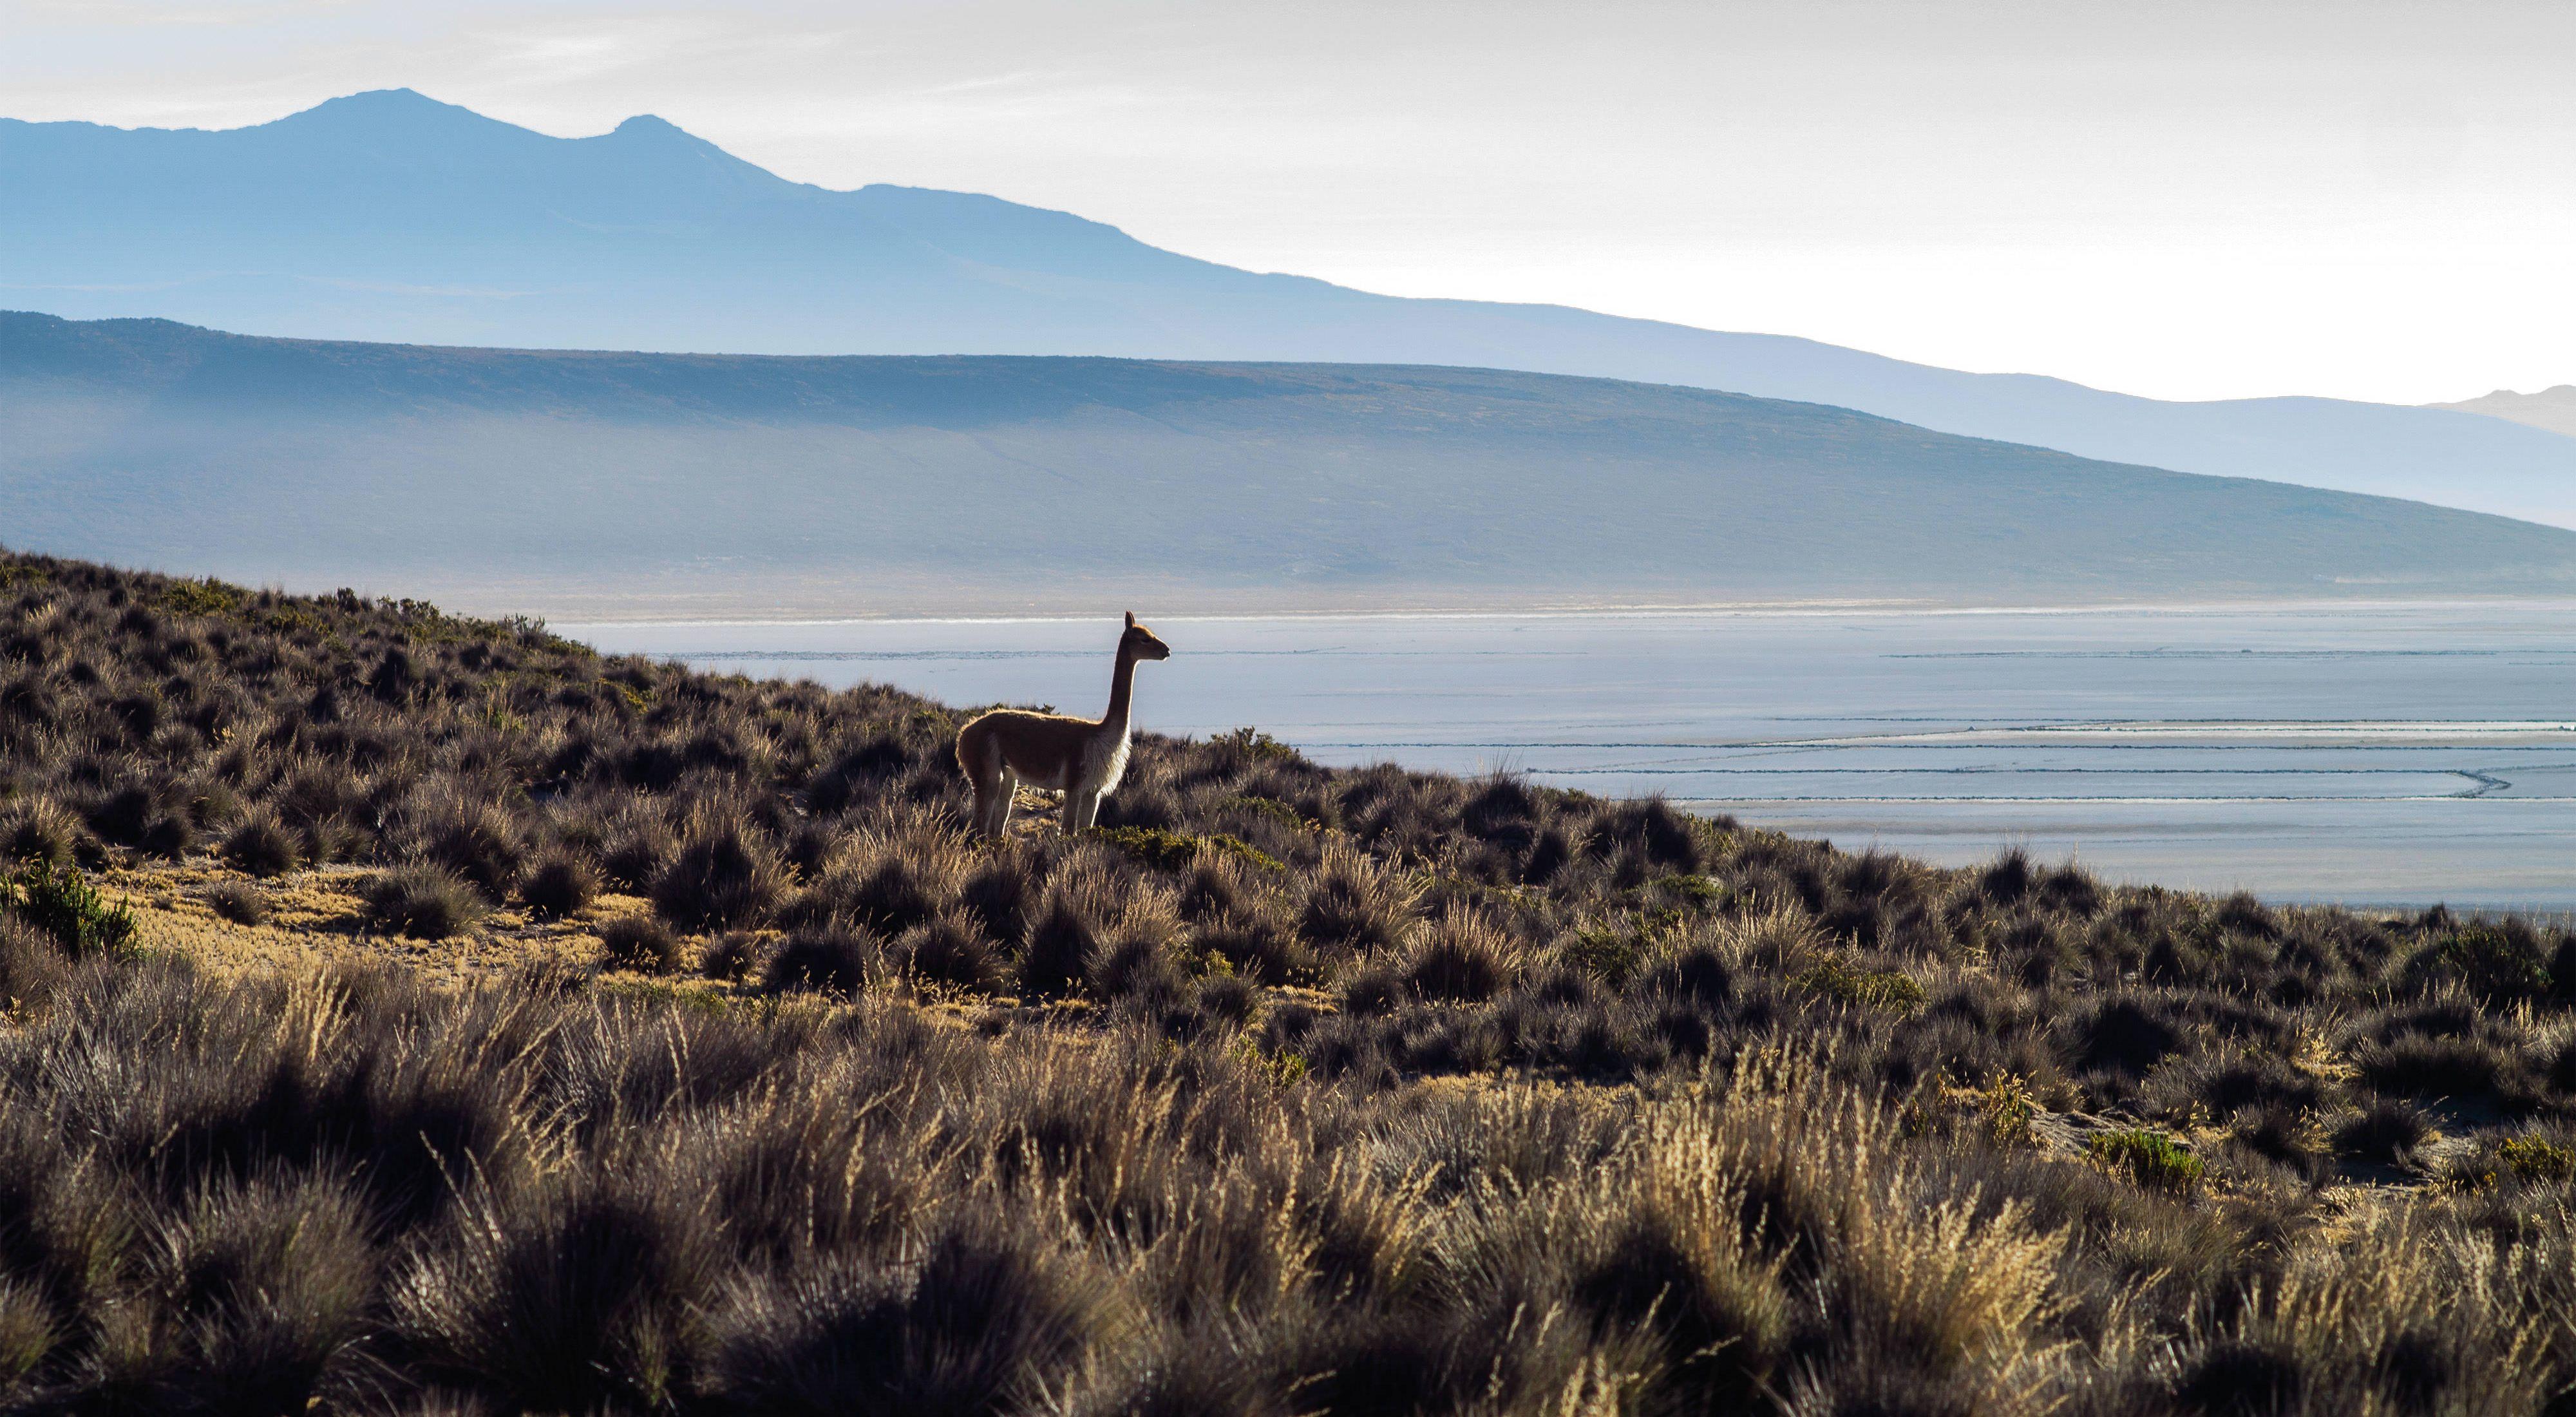 Una vicuña solitaria en la Reserva de Salinas y aguada blanca cerca a la Laguna seca.